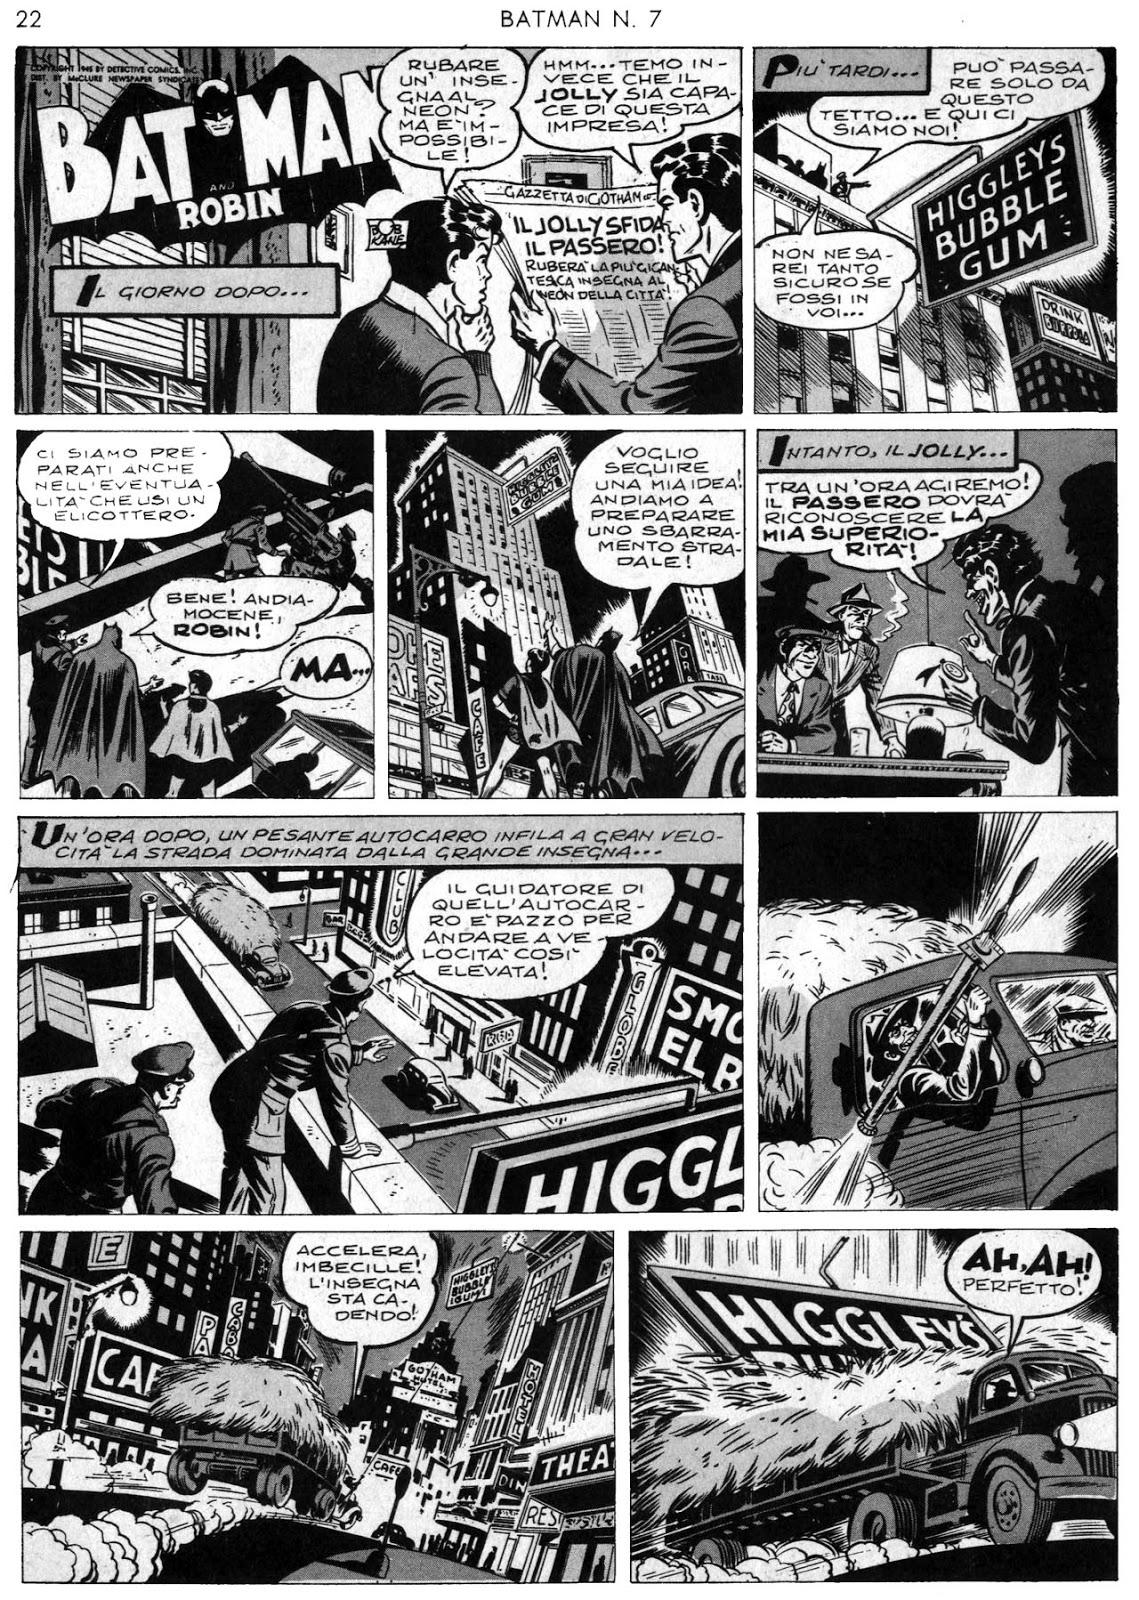 pagina_22